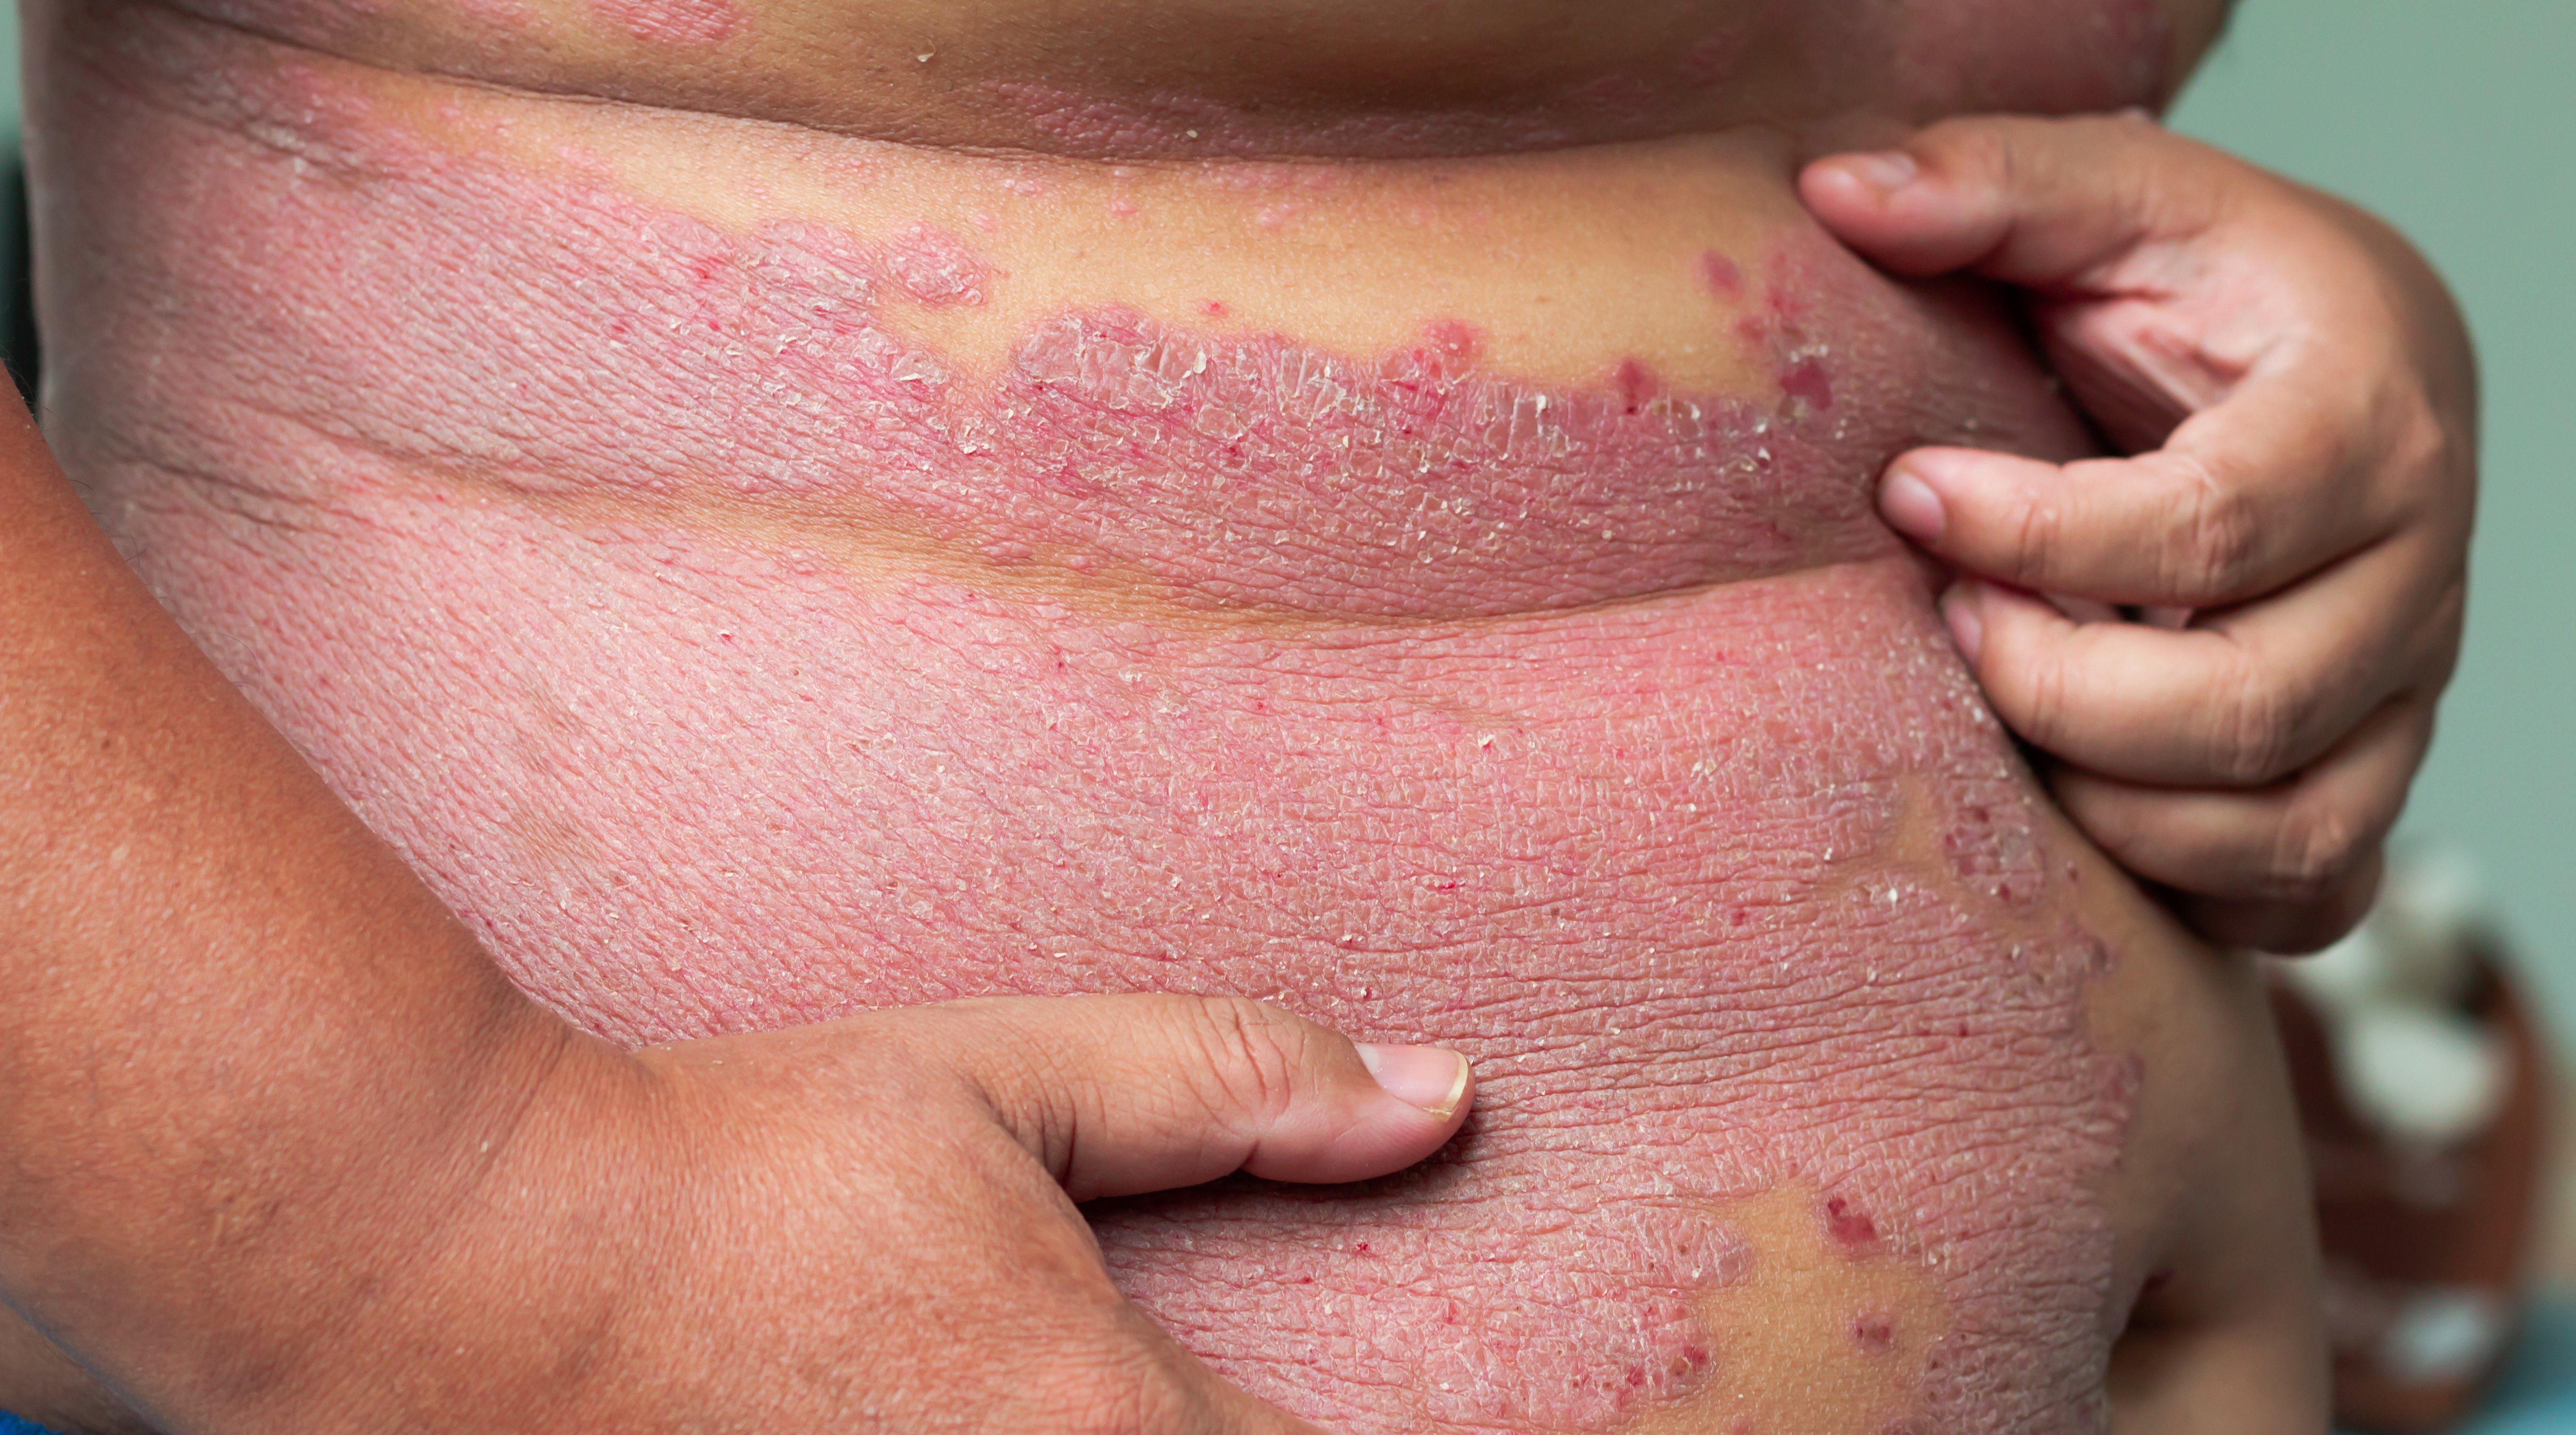 psoriasis skin disease cause